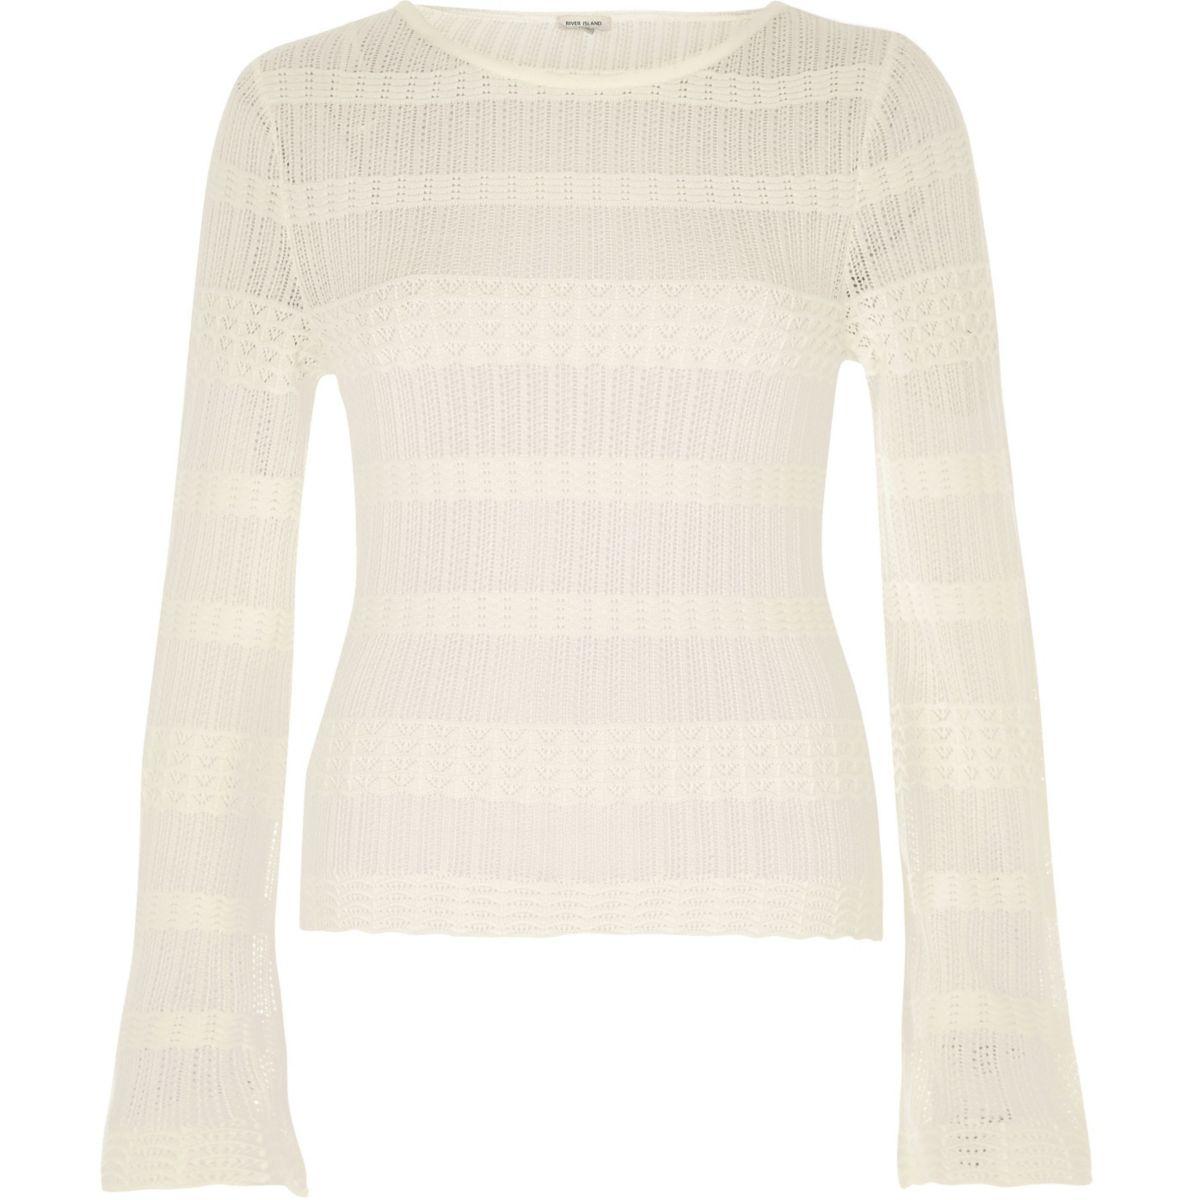 Cream sheer panel sweater